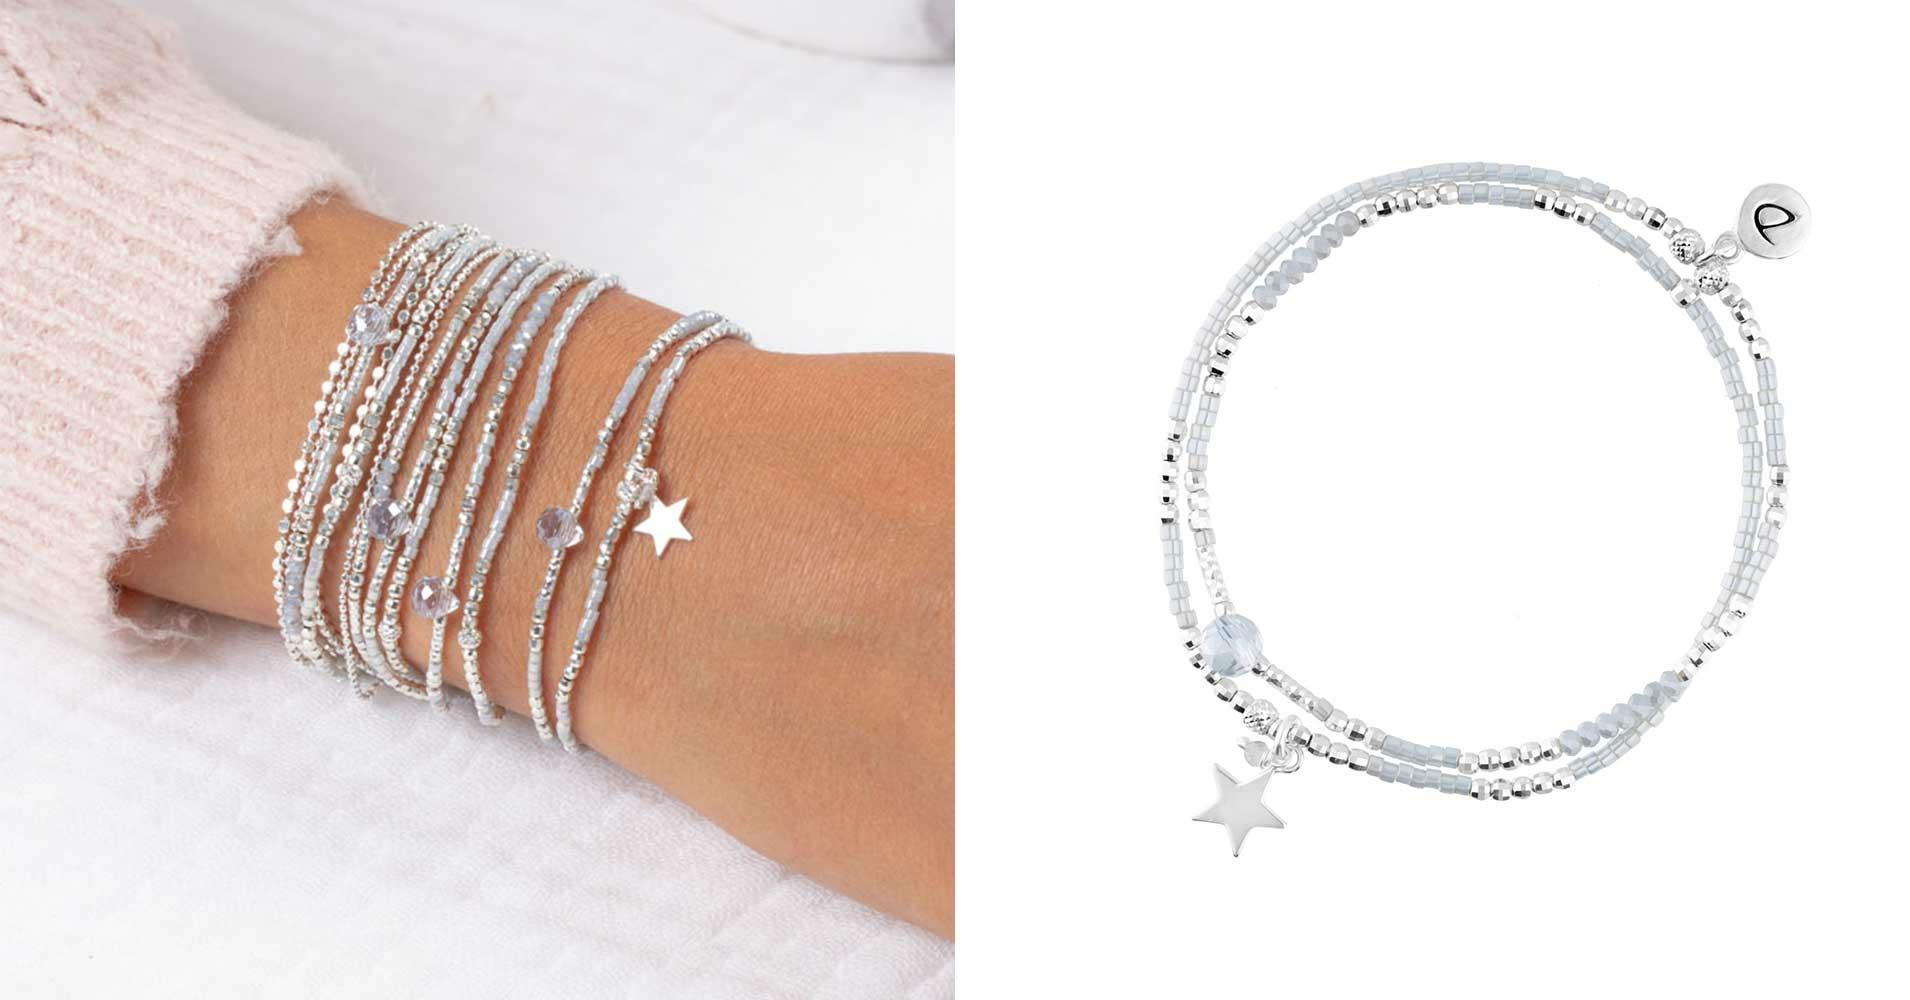 Bandeaux-Categories-Bracelets-Elastiques